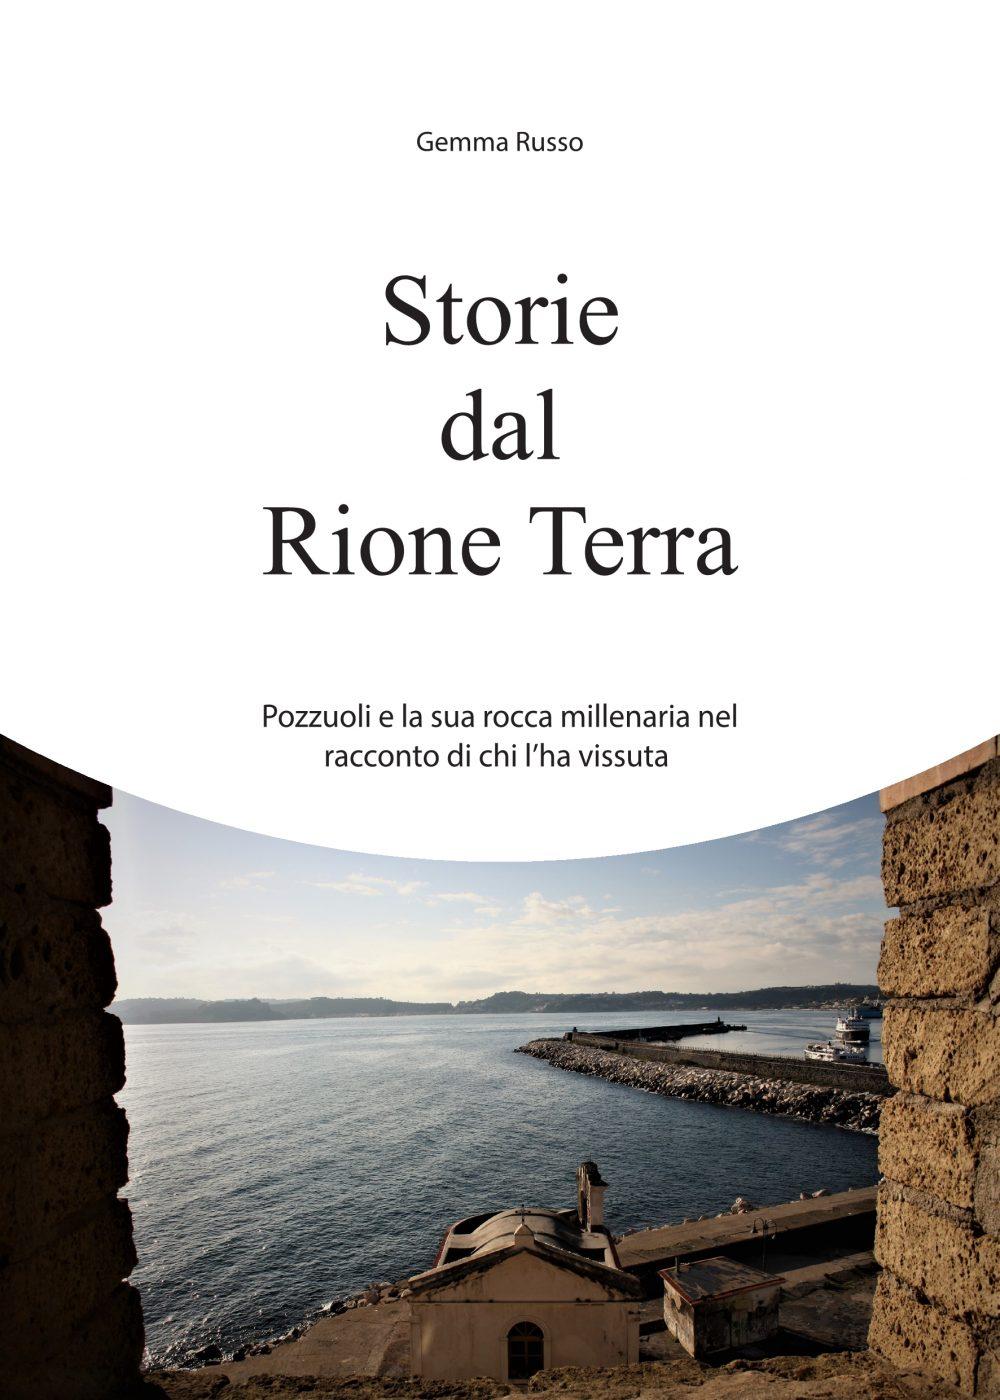 Storie dal Rione Terra di Gemma Russo